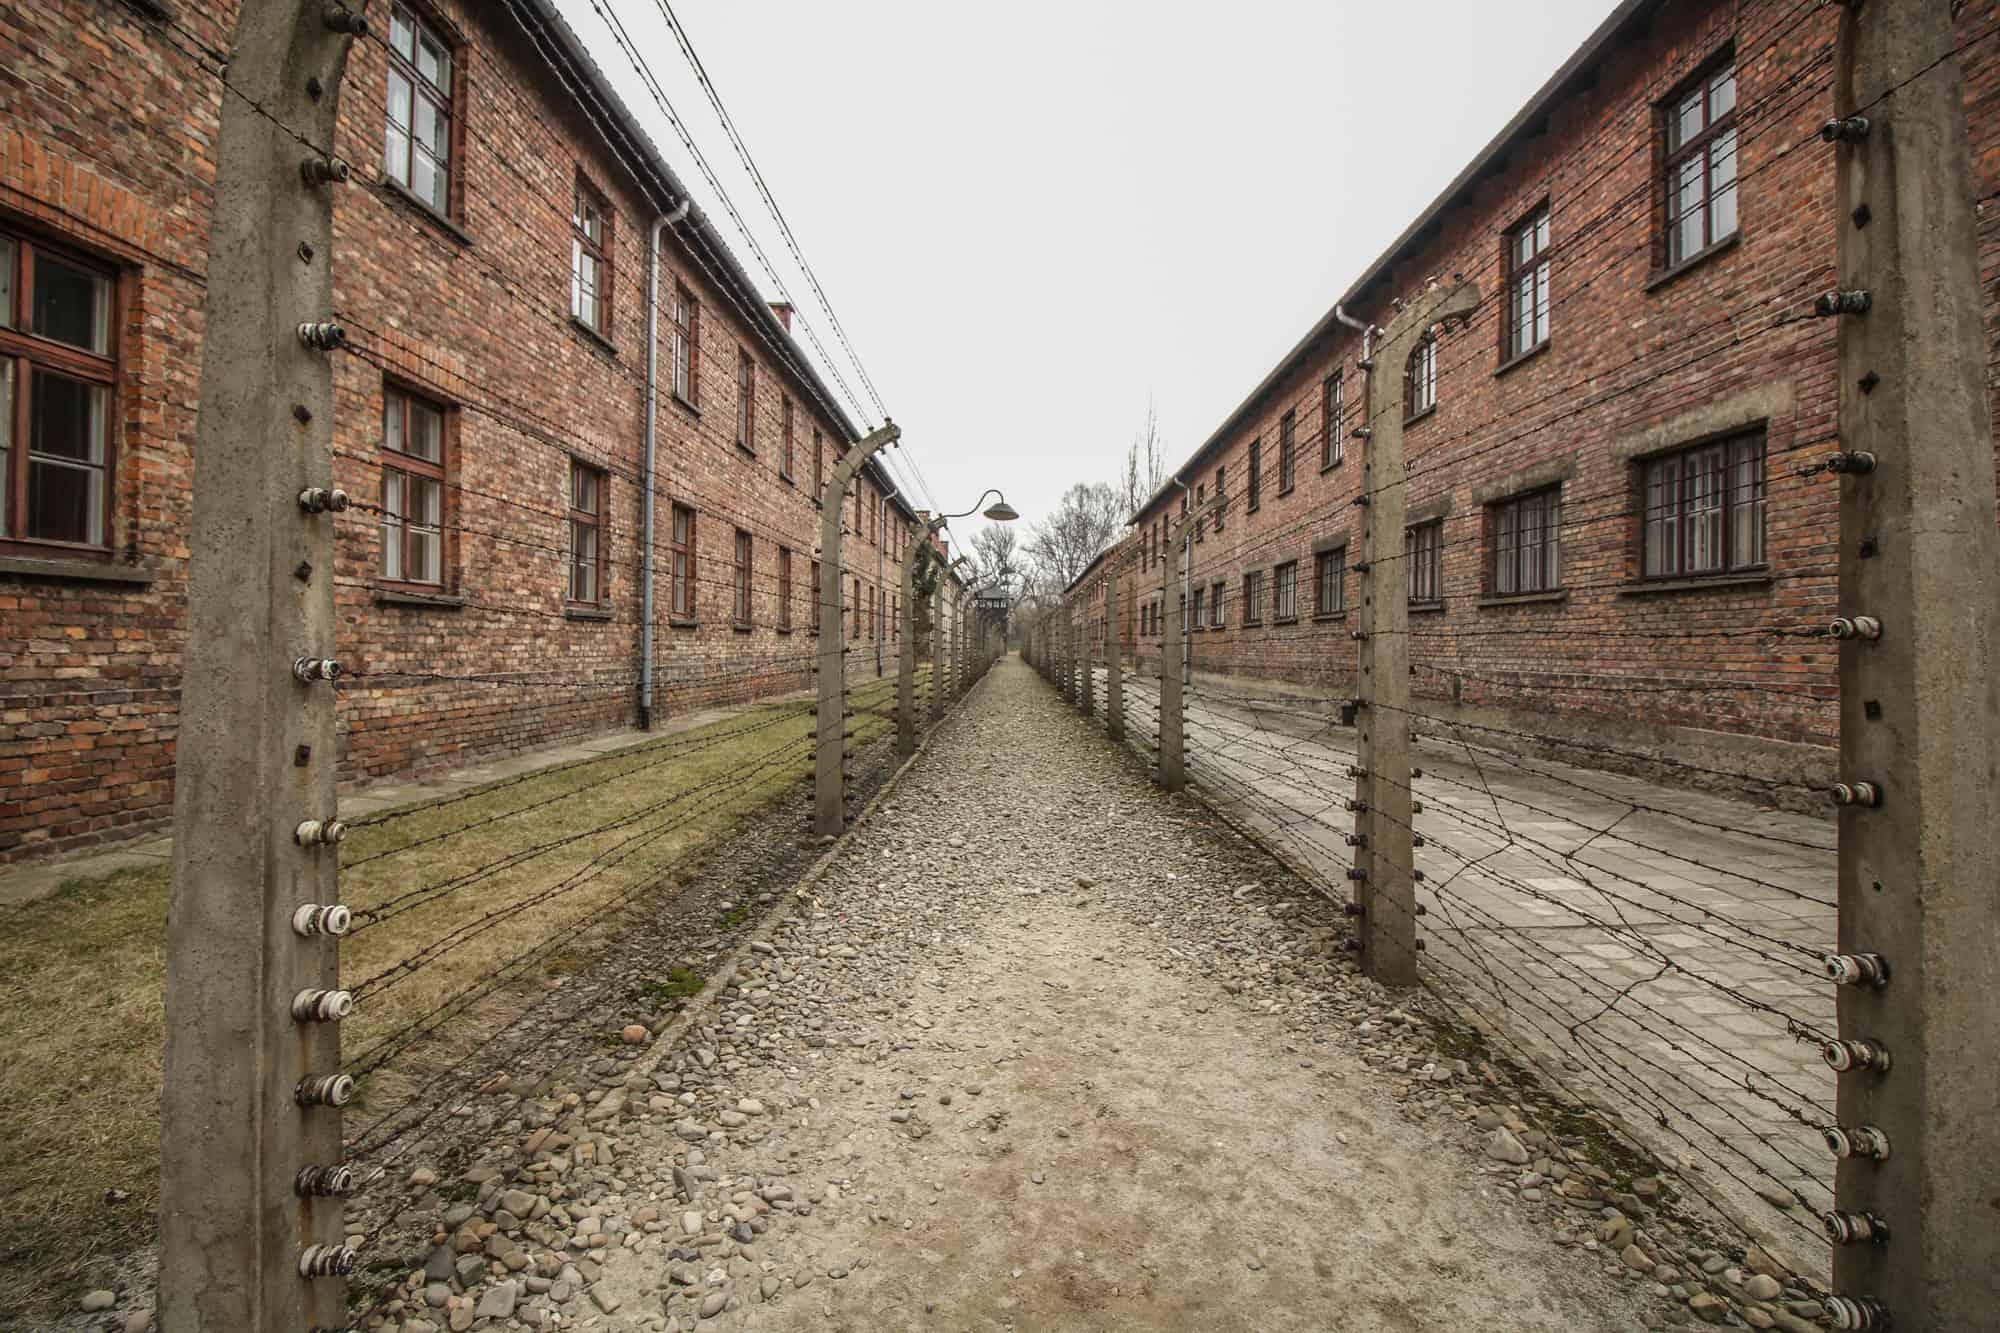 Stacheldrahtzaun Auschwitz 1